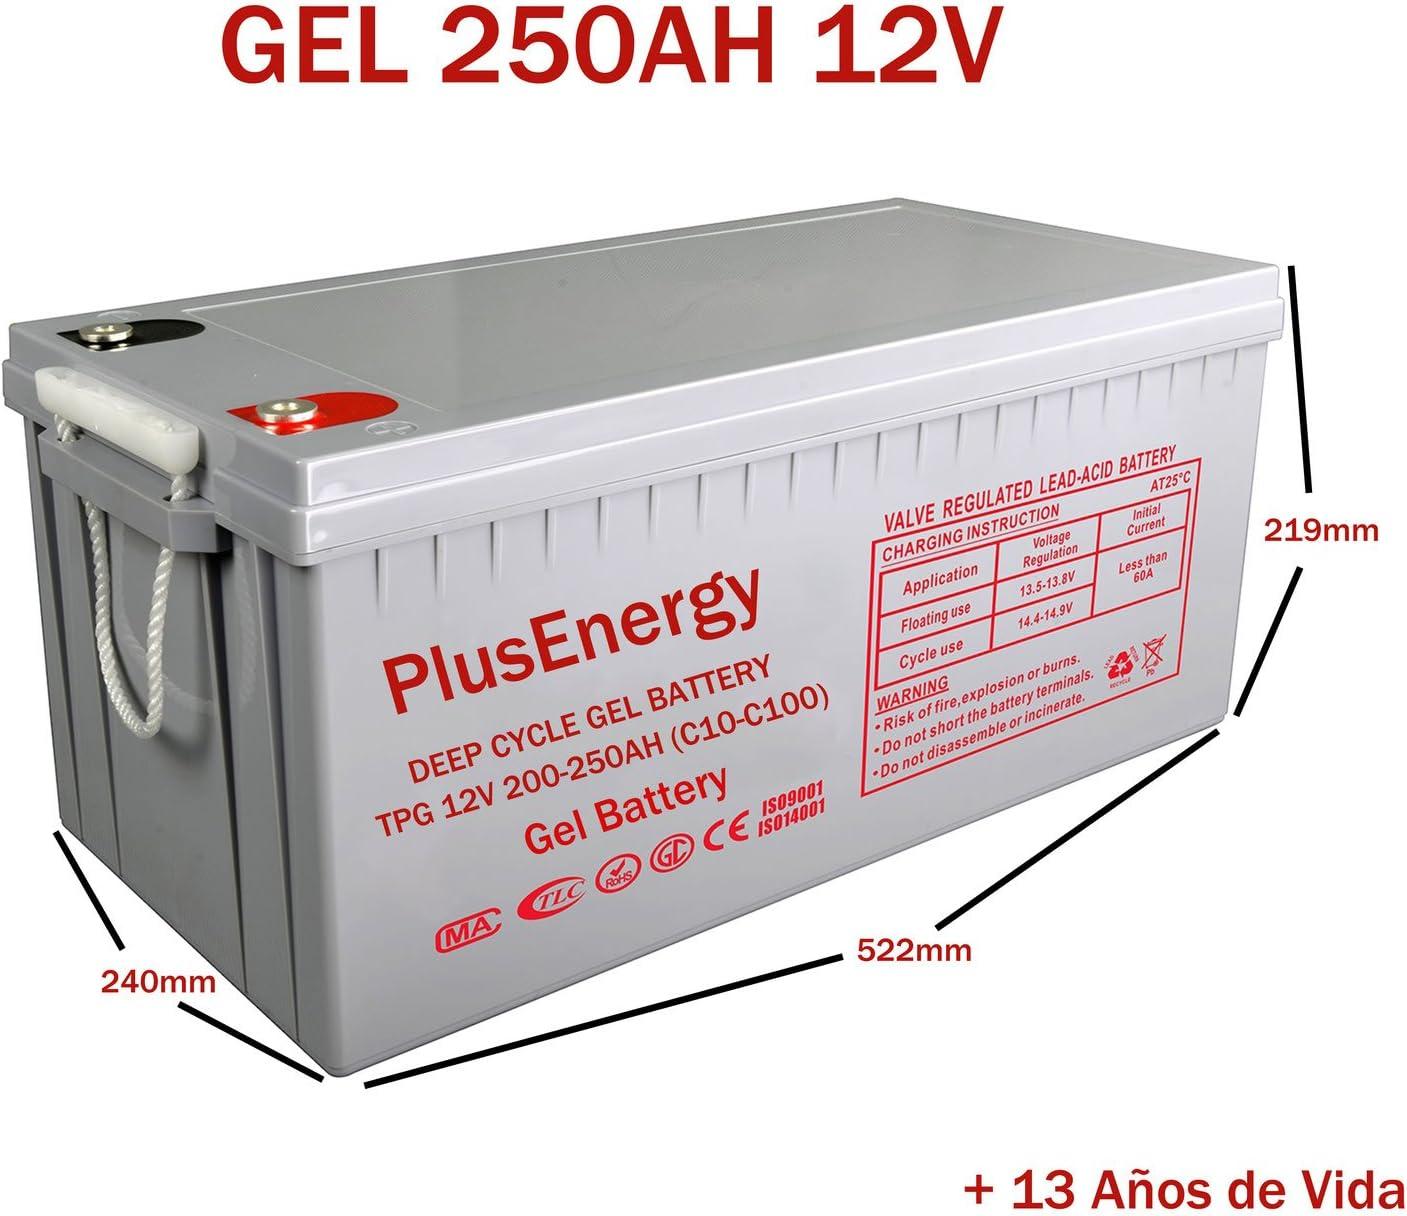 wccsolar.es Bateria Solar AGM Y Gel 12V PlusEnergy 150AH 250AH para instalación Solar Ciclo Profundo (250AH 12V Gel)